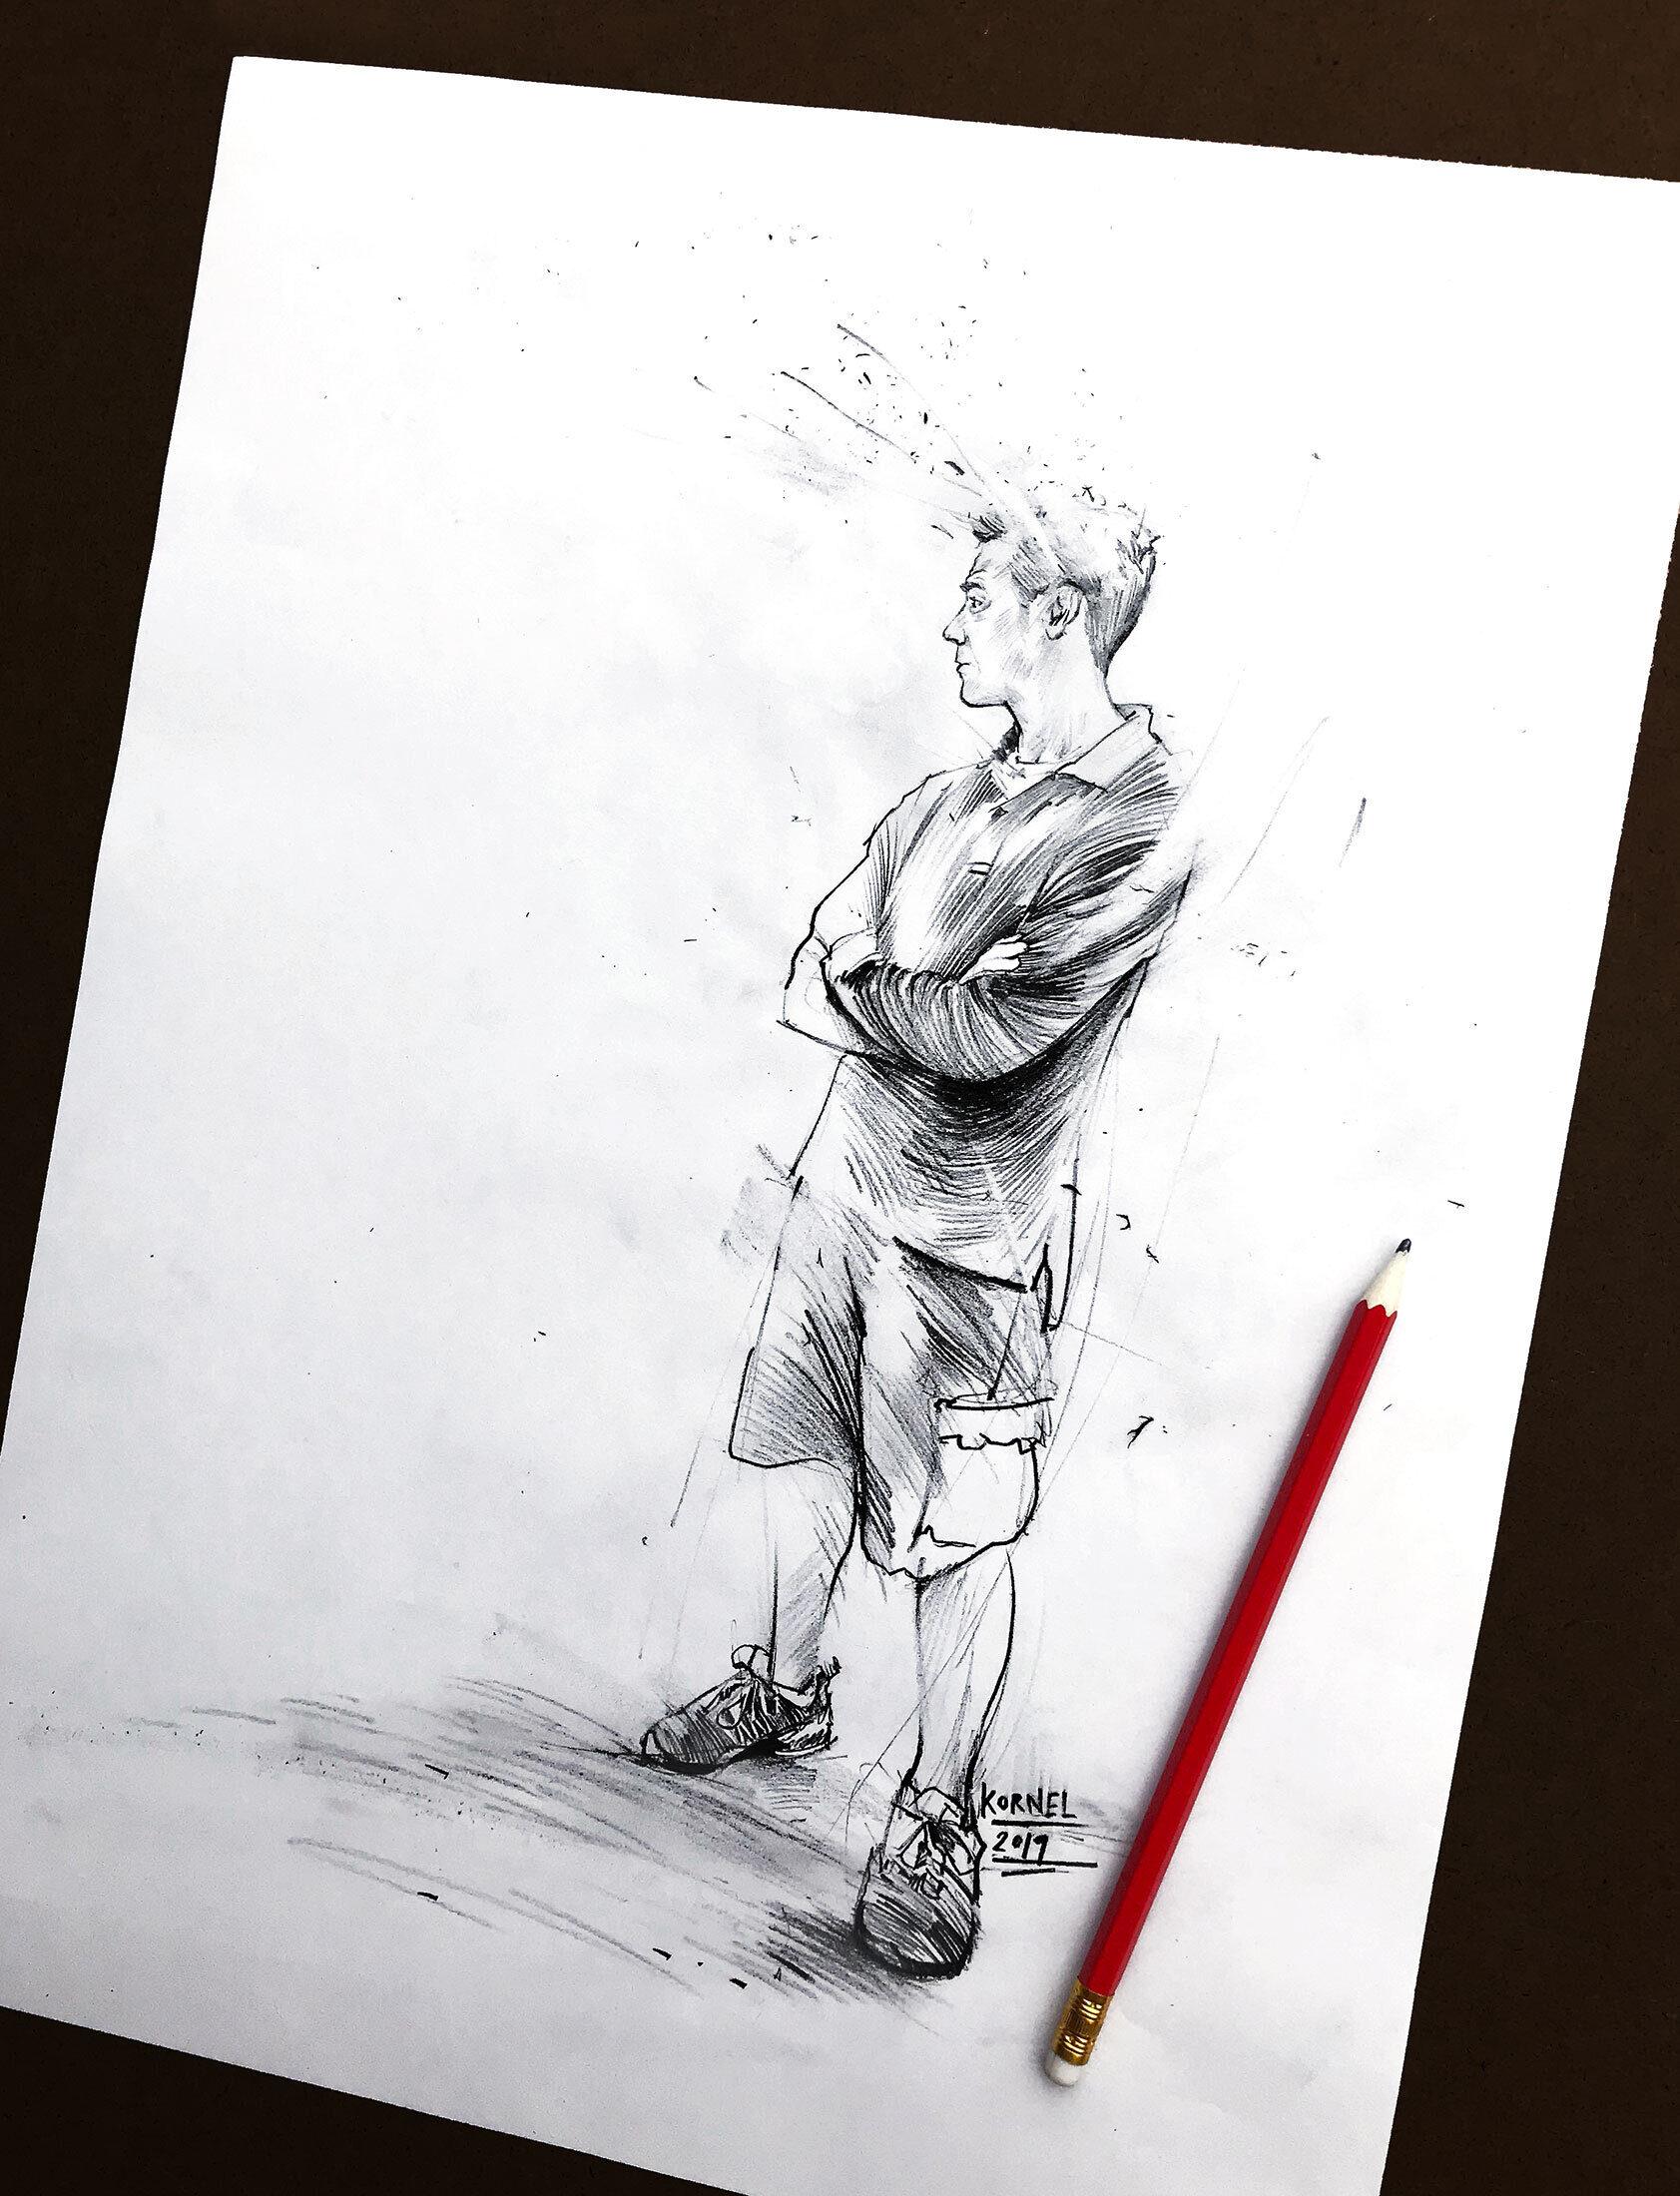 Pencil drawing sketch - Kornel Illustration | Kornel Stadler portfolio